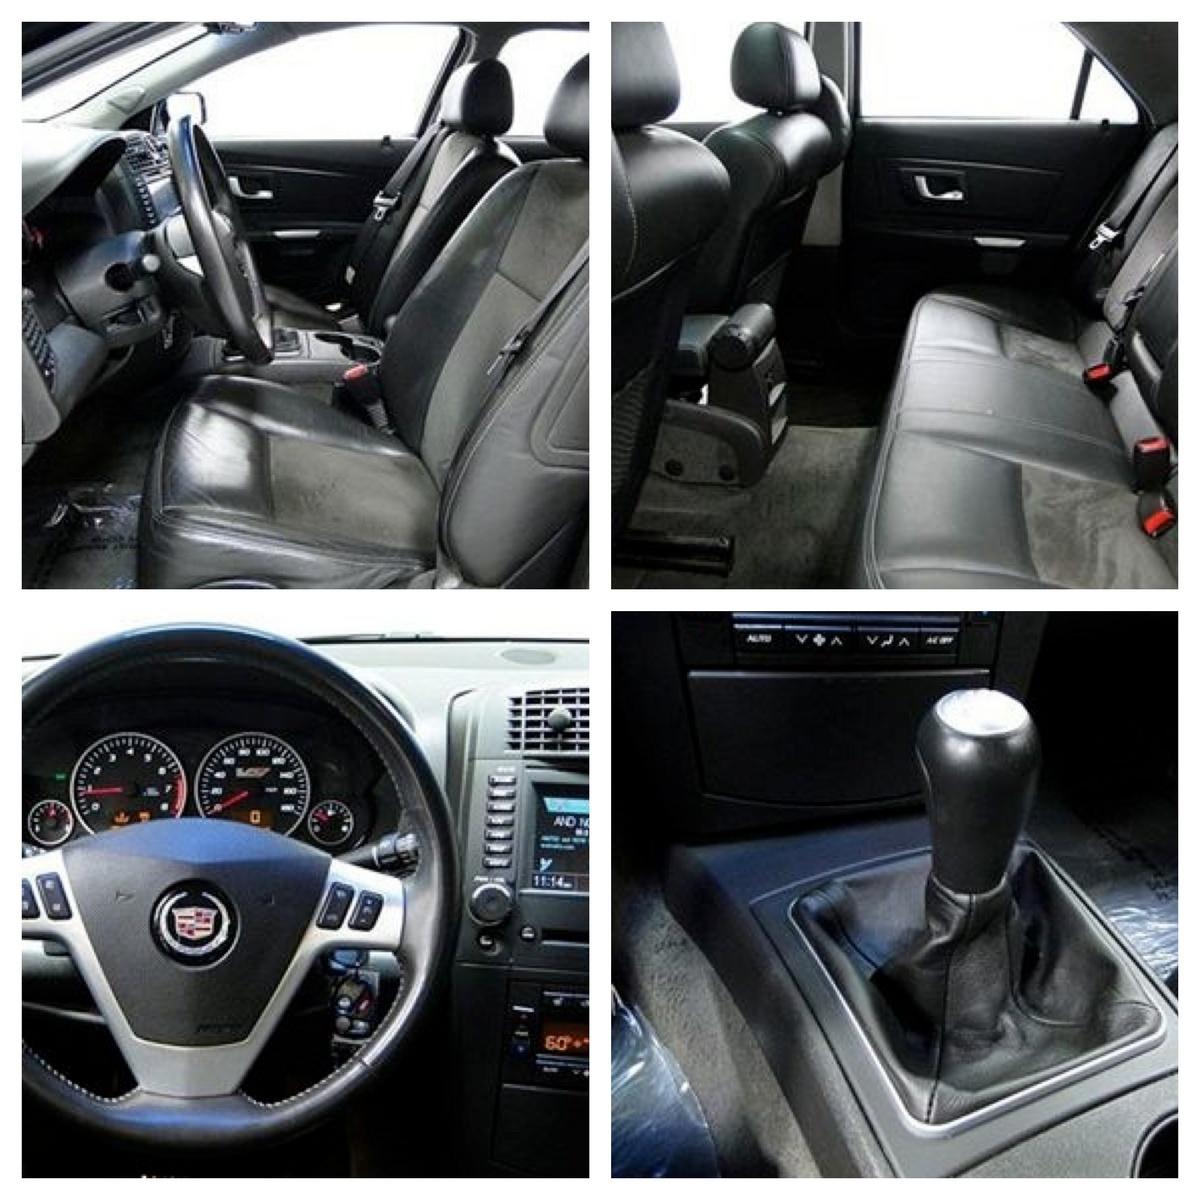 2007 Cadillac Xlr Interior: 2005 Cadillac CTS-V